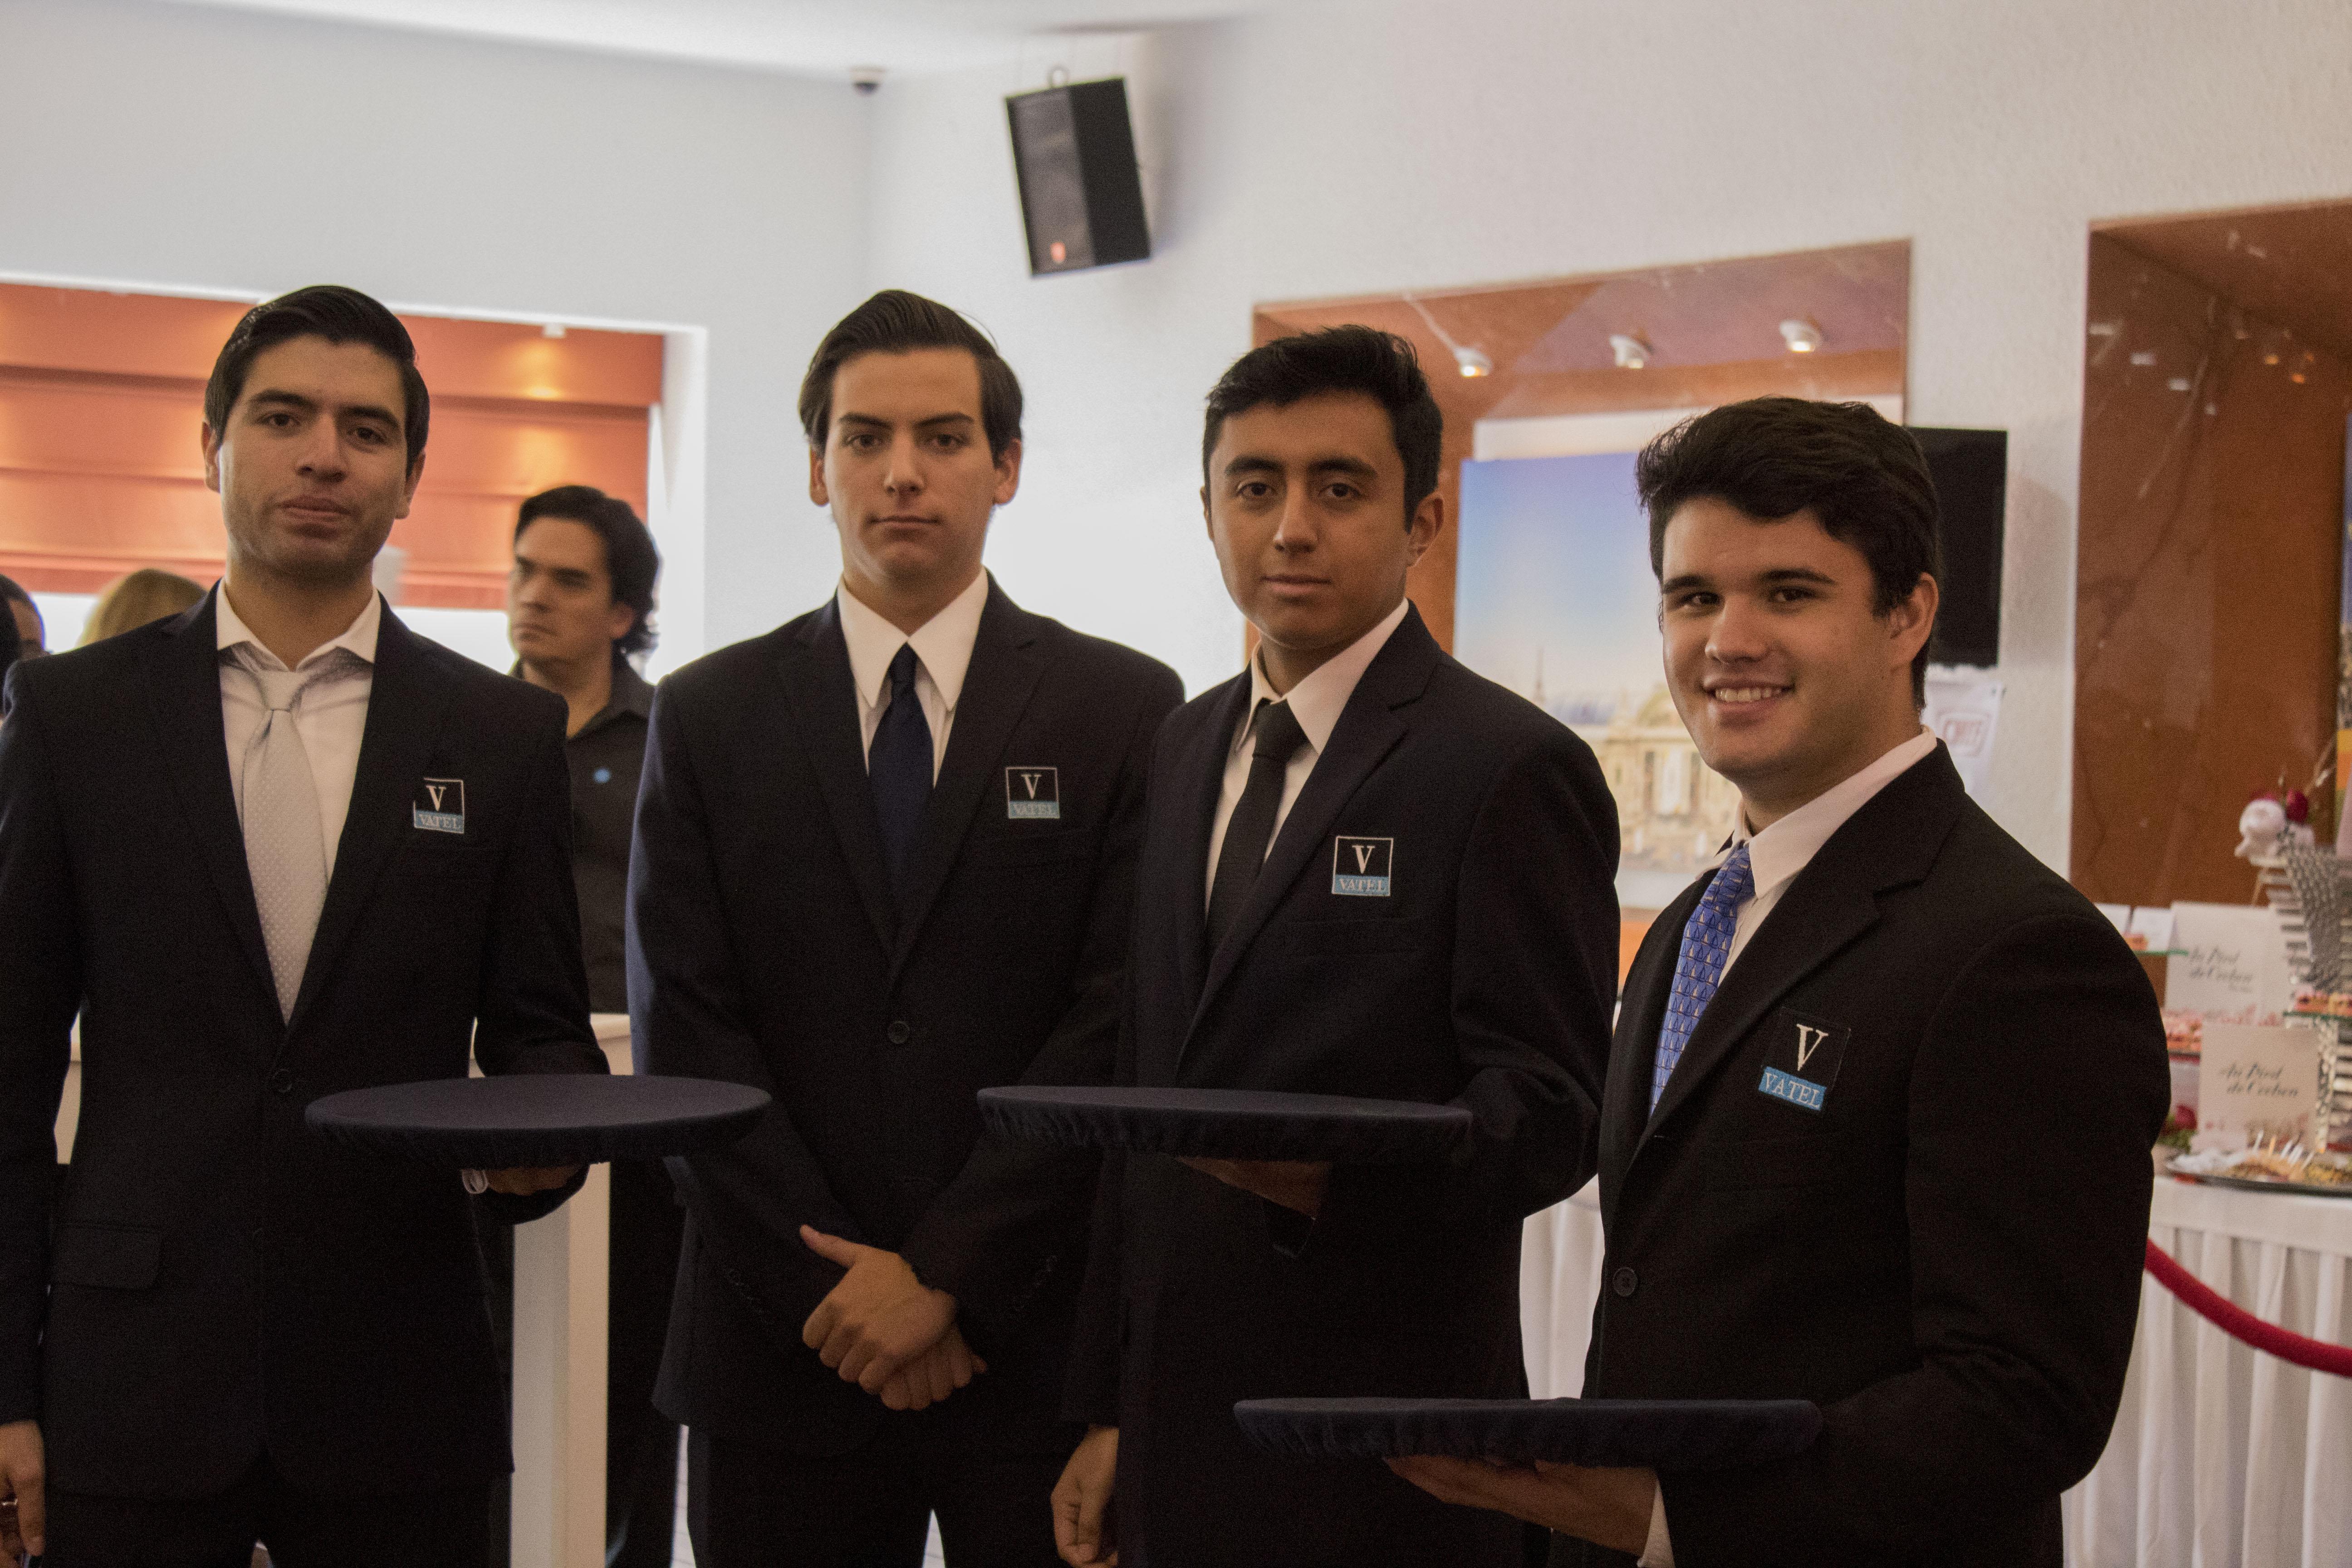 Presentación Vatel Mexico City - Image 3